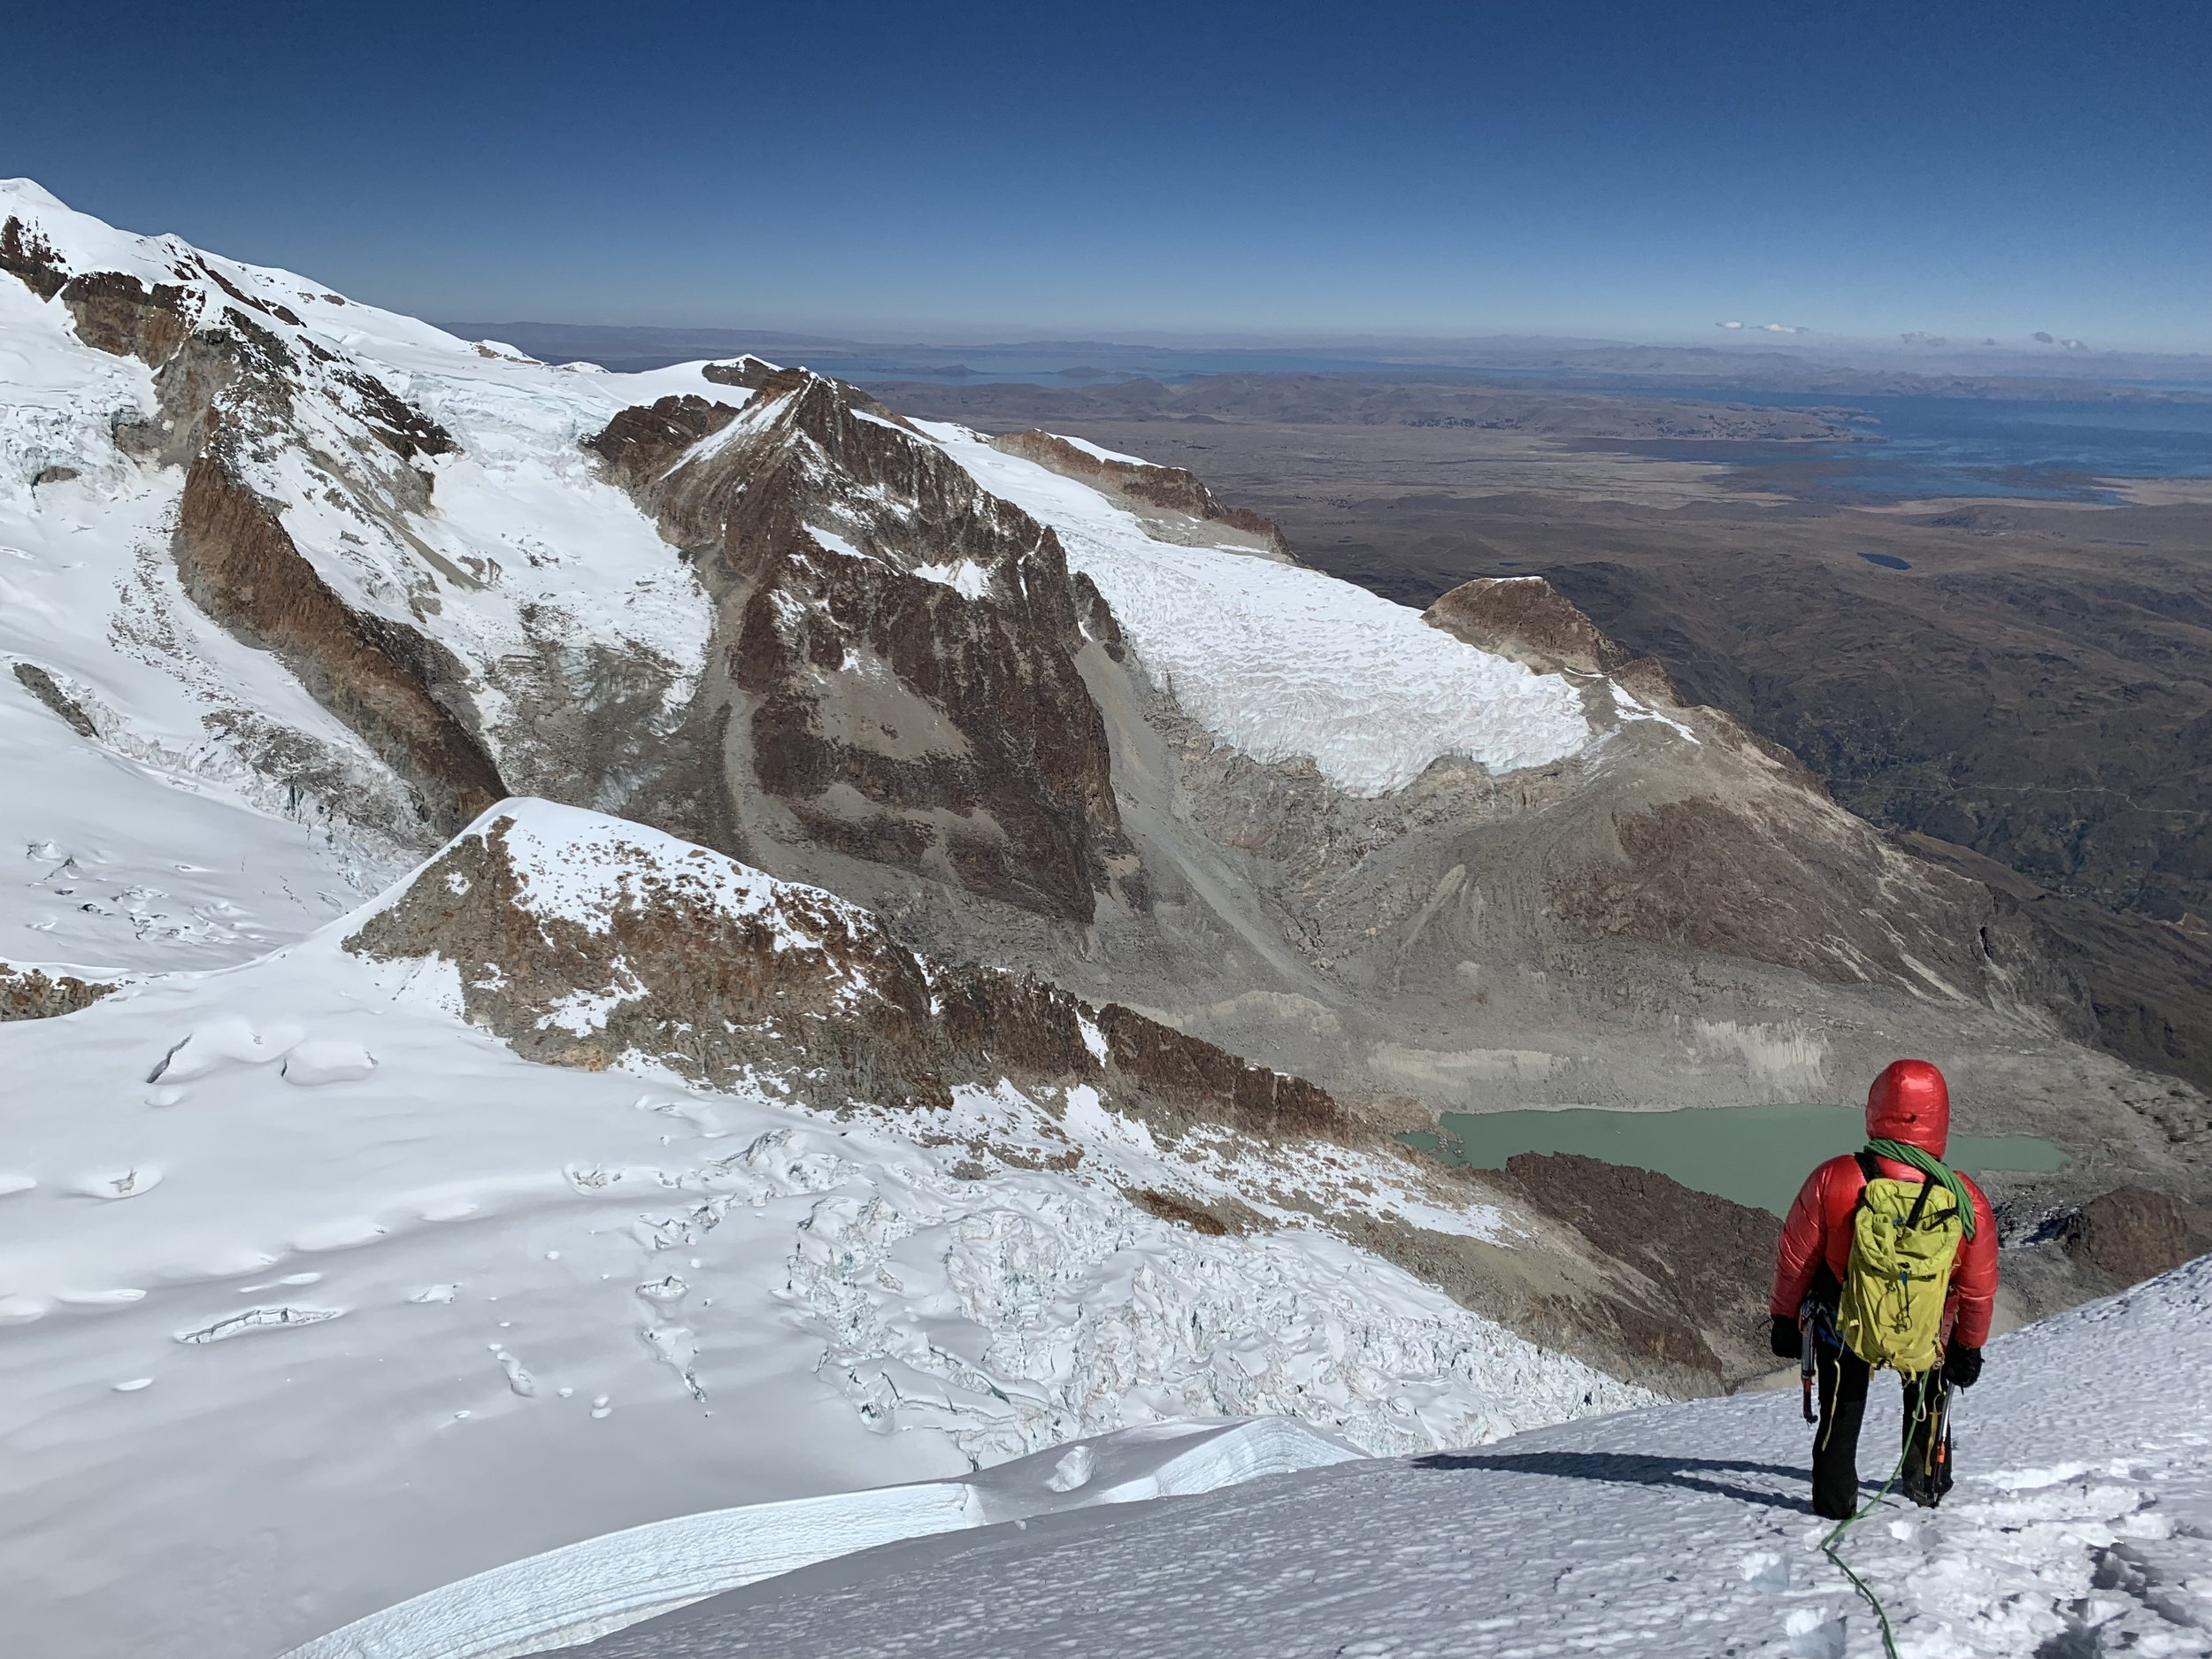 Descending high on the mountain